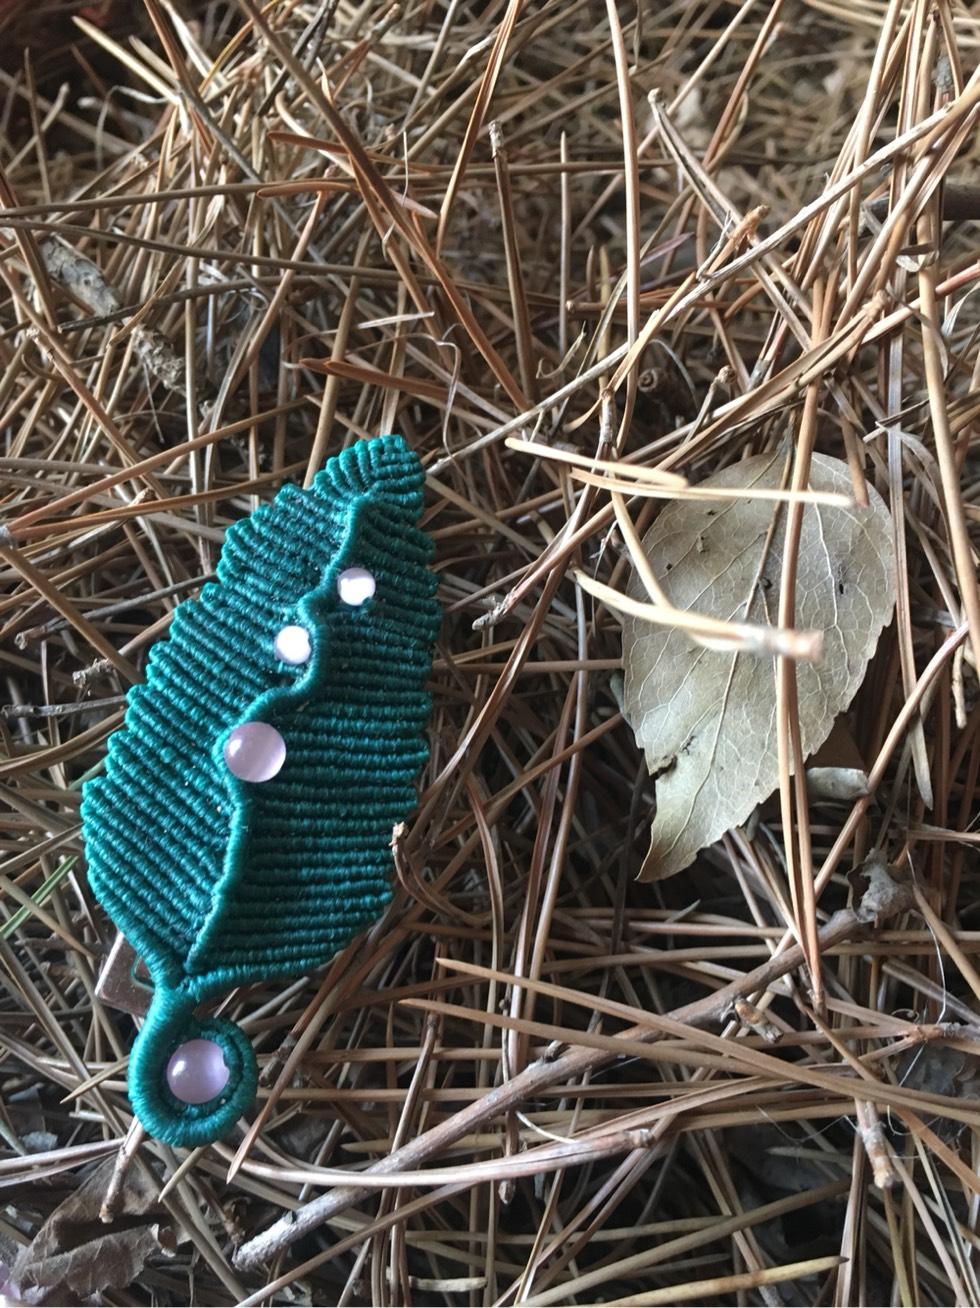 中国结论坛 小叶子发夹 可爱的小叶子是谁,小叶子什么意思,小叶子的身世,小叶子是谁,小叶子公司 作品展示 215352hv436e61bx91itx9